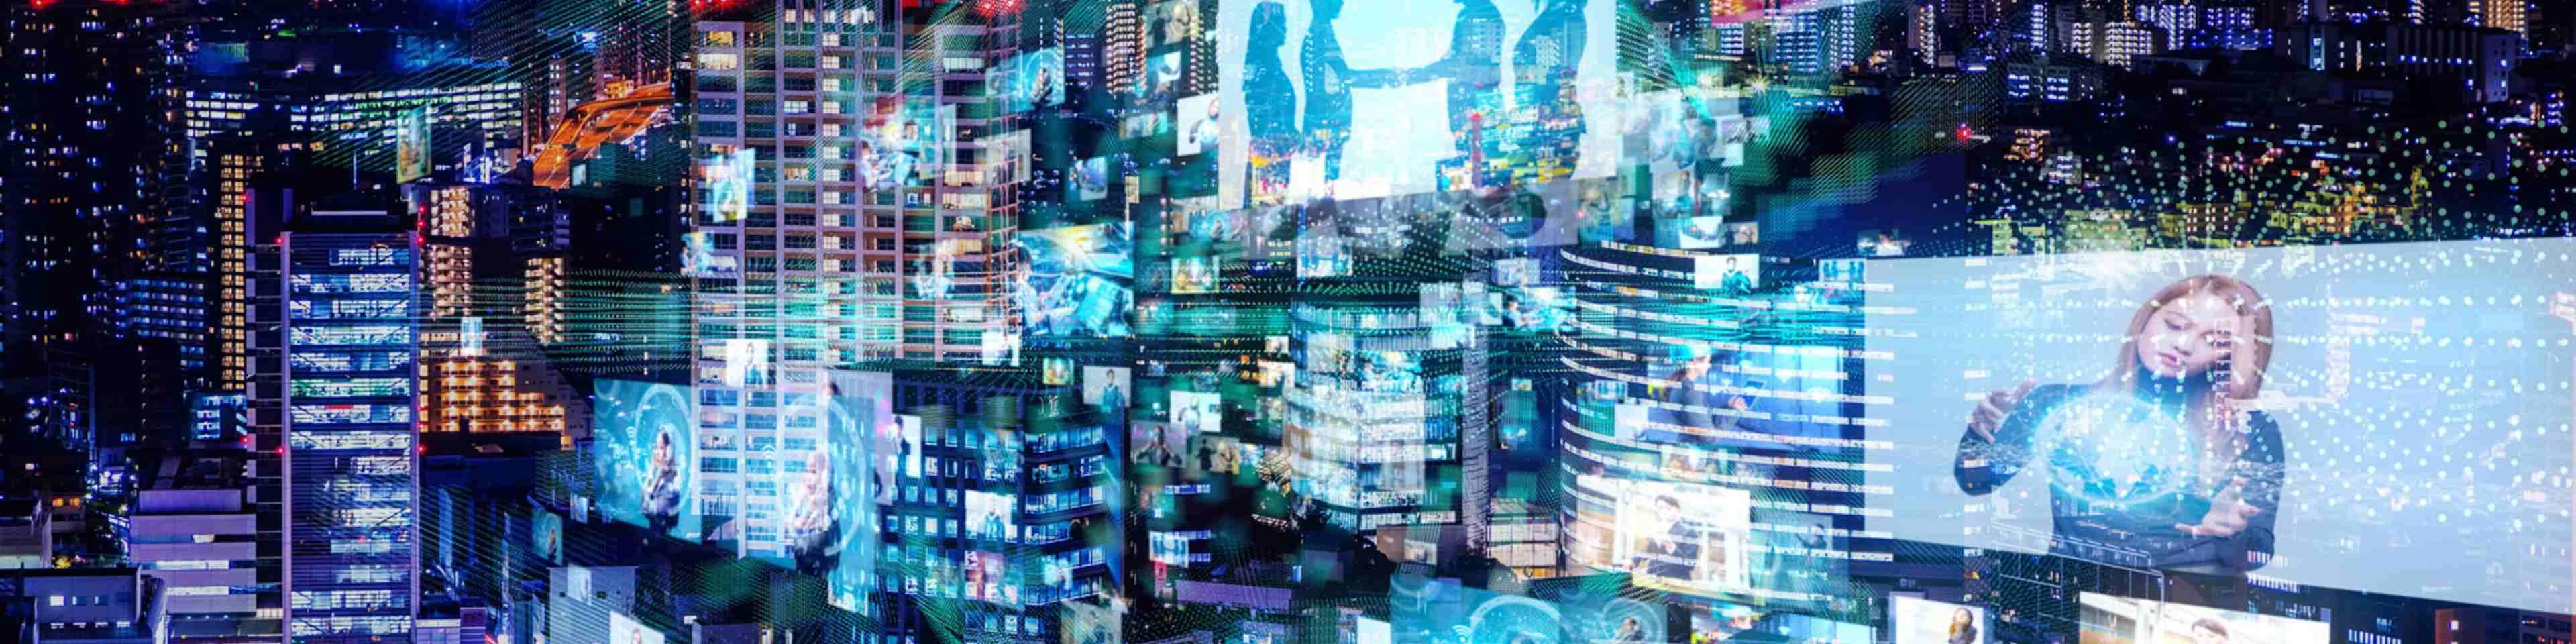 Der Mensch - Das vergessene Risiko für die Informations- und Datensicherheit